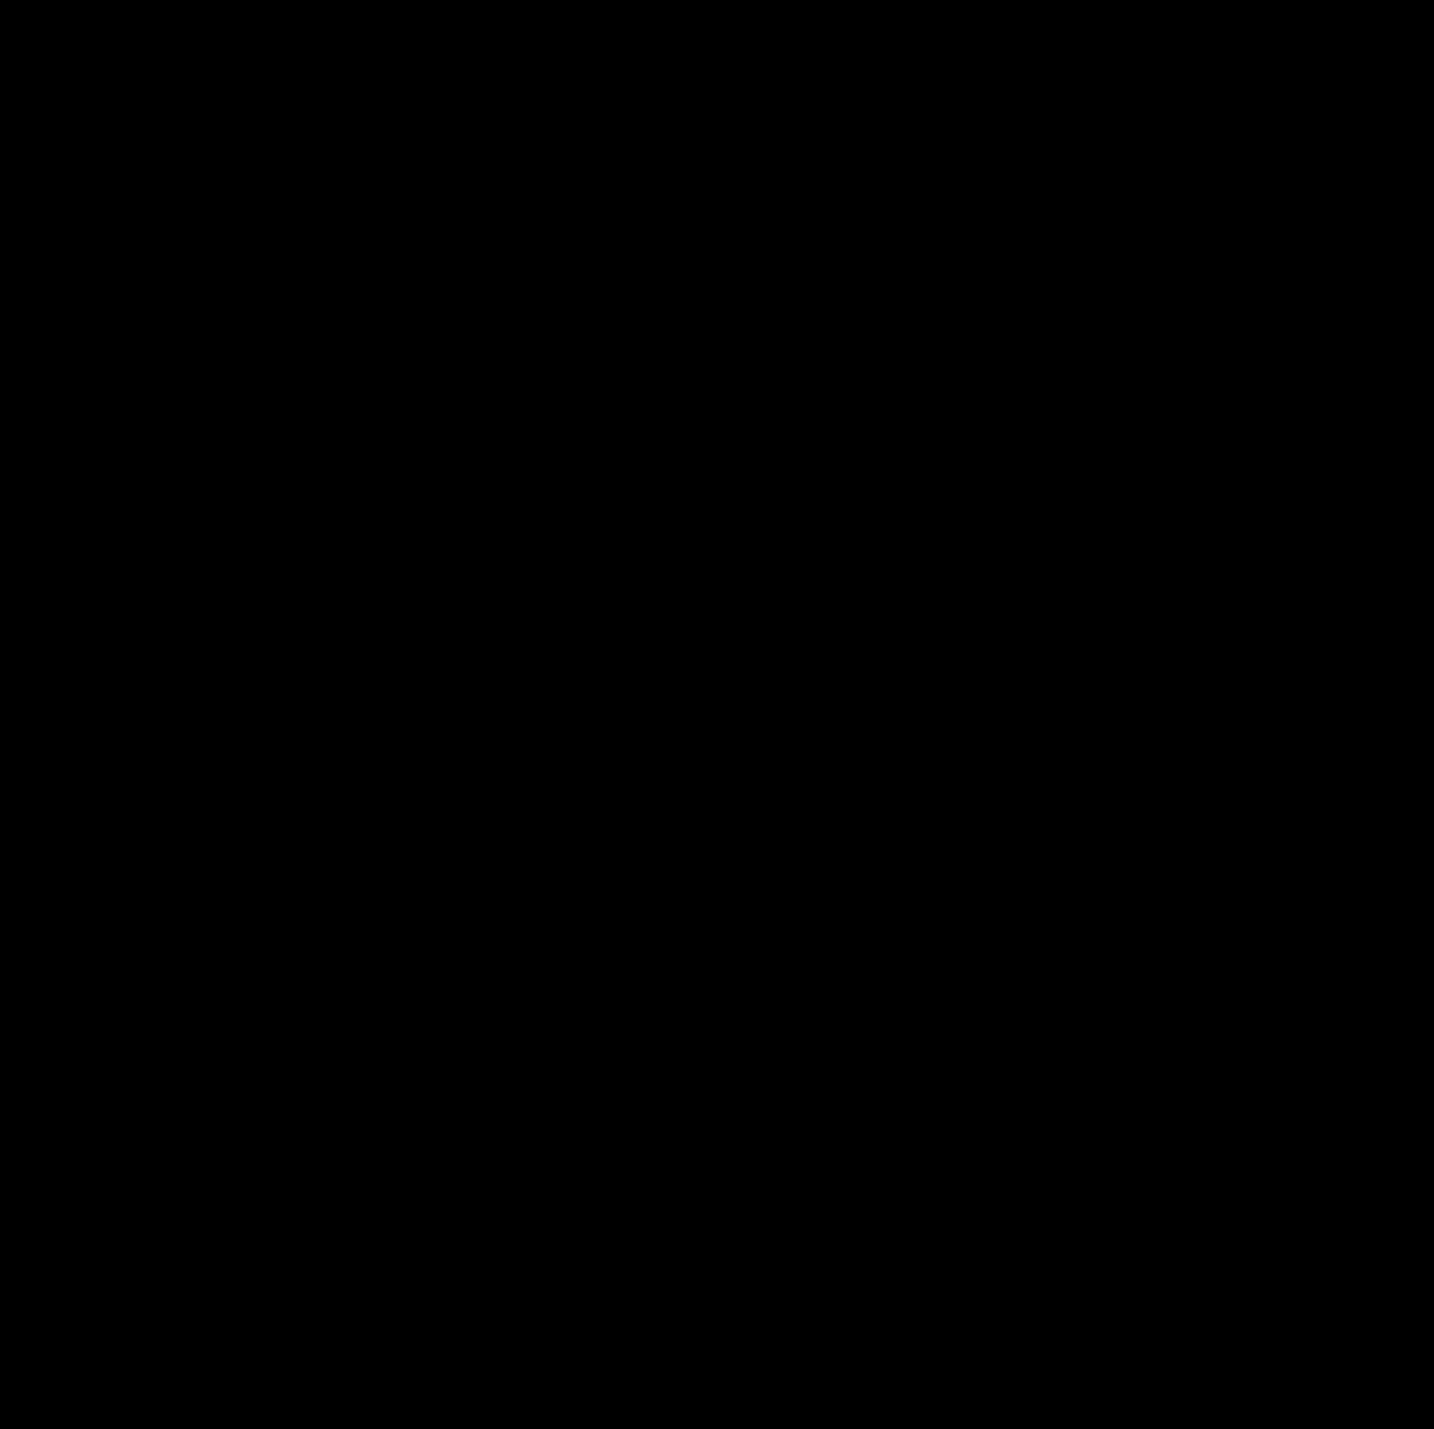 Резултат с изображение за symbol of the sun